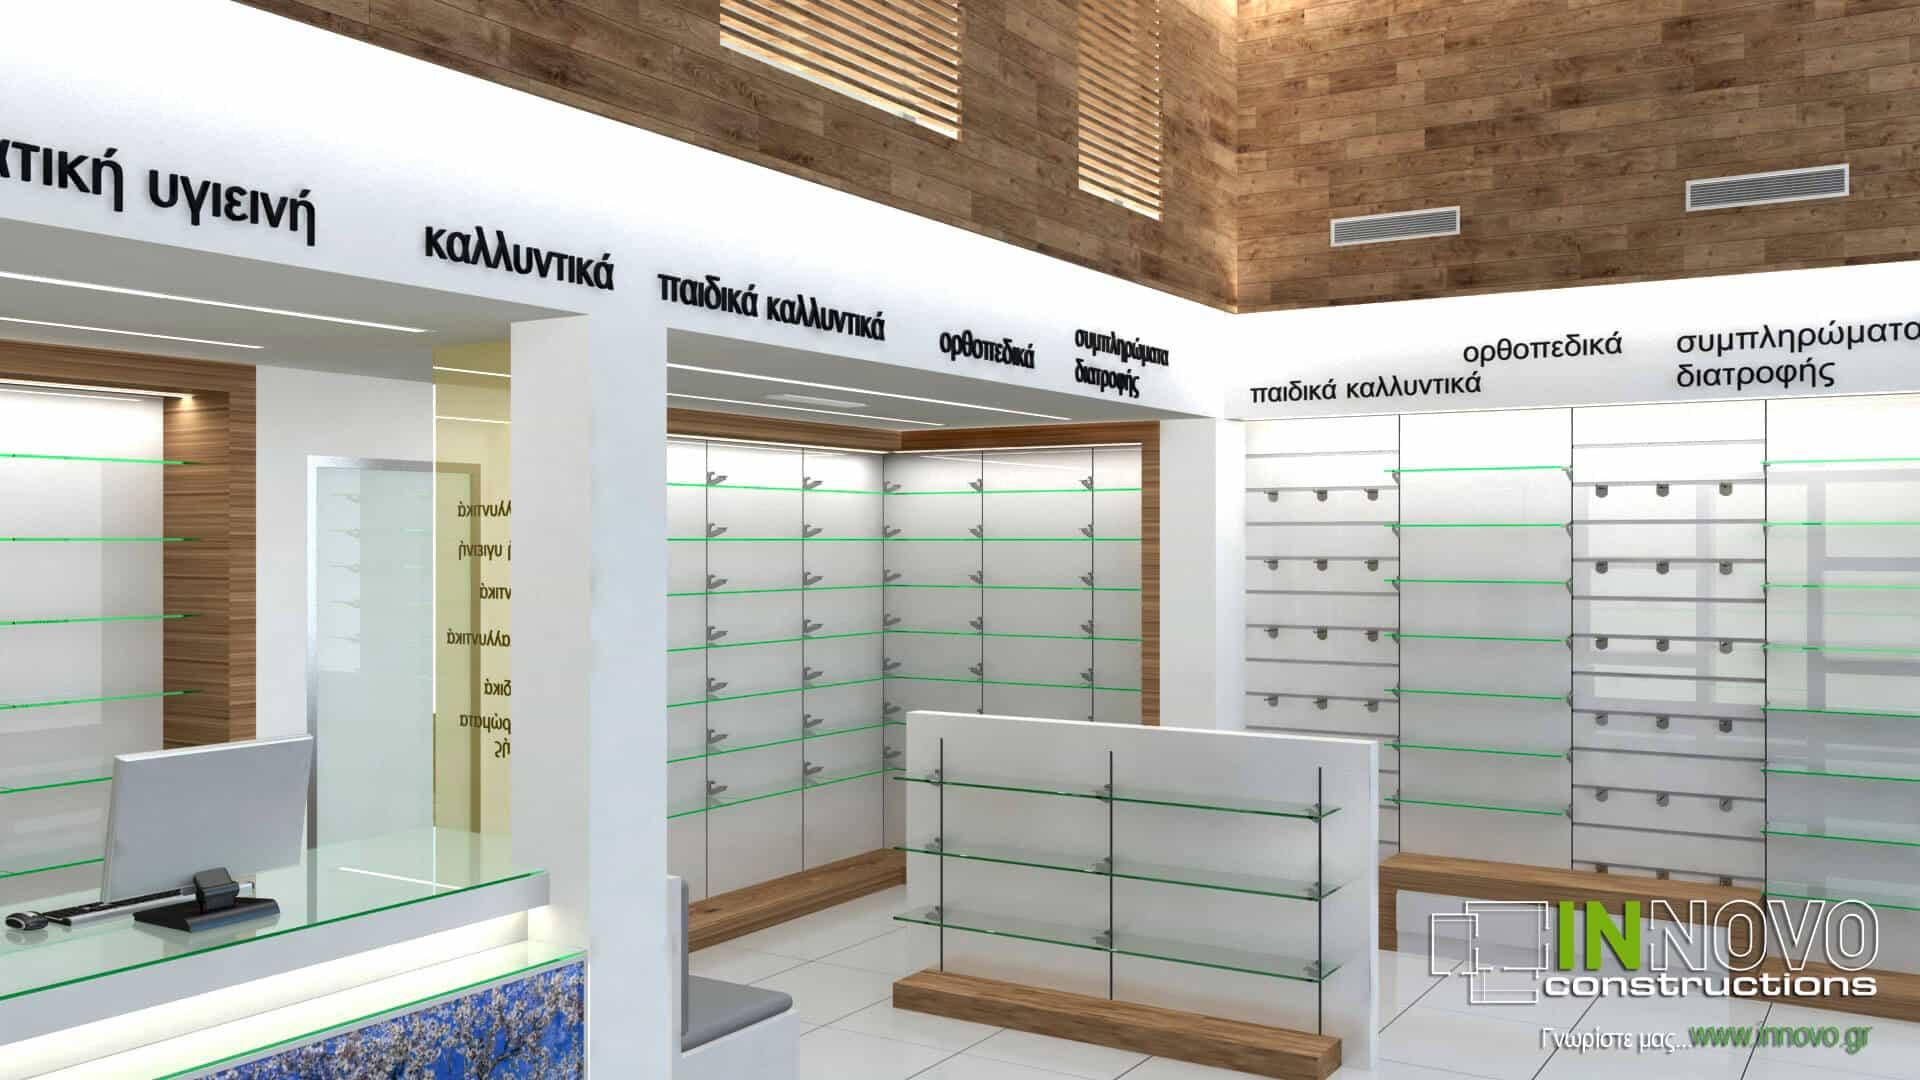 Διακόσμηση φαρμακείου Νέο Κόσμο